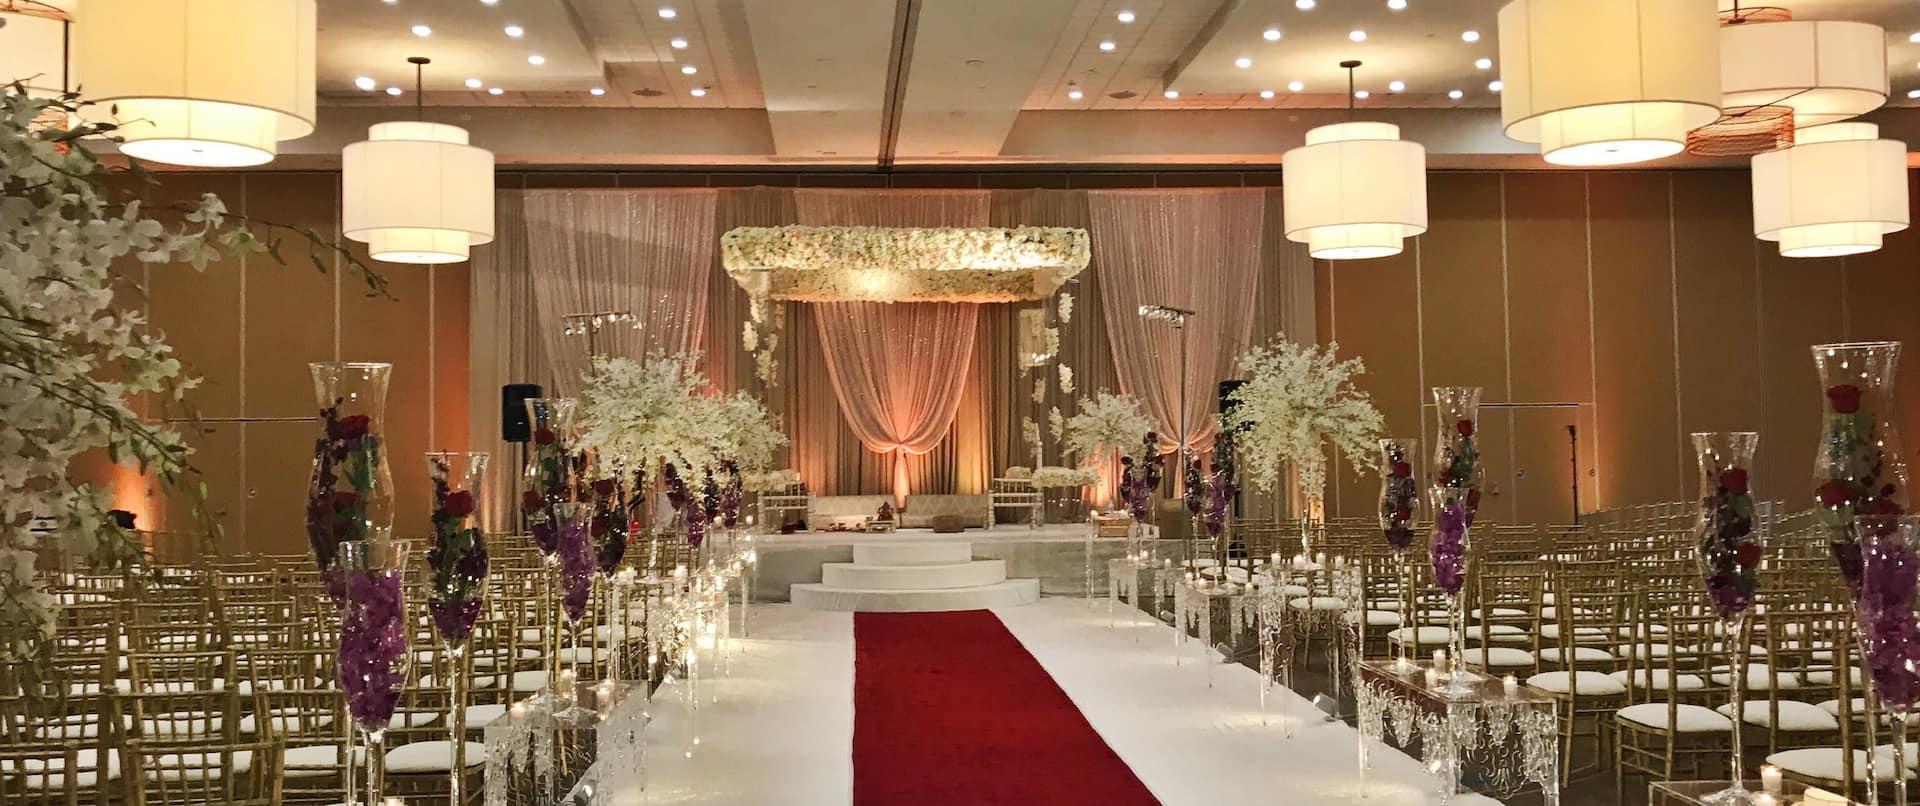 Hall Setup for a Wedding